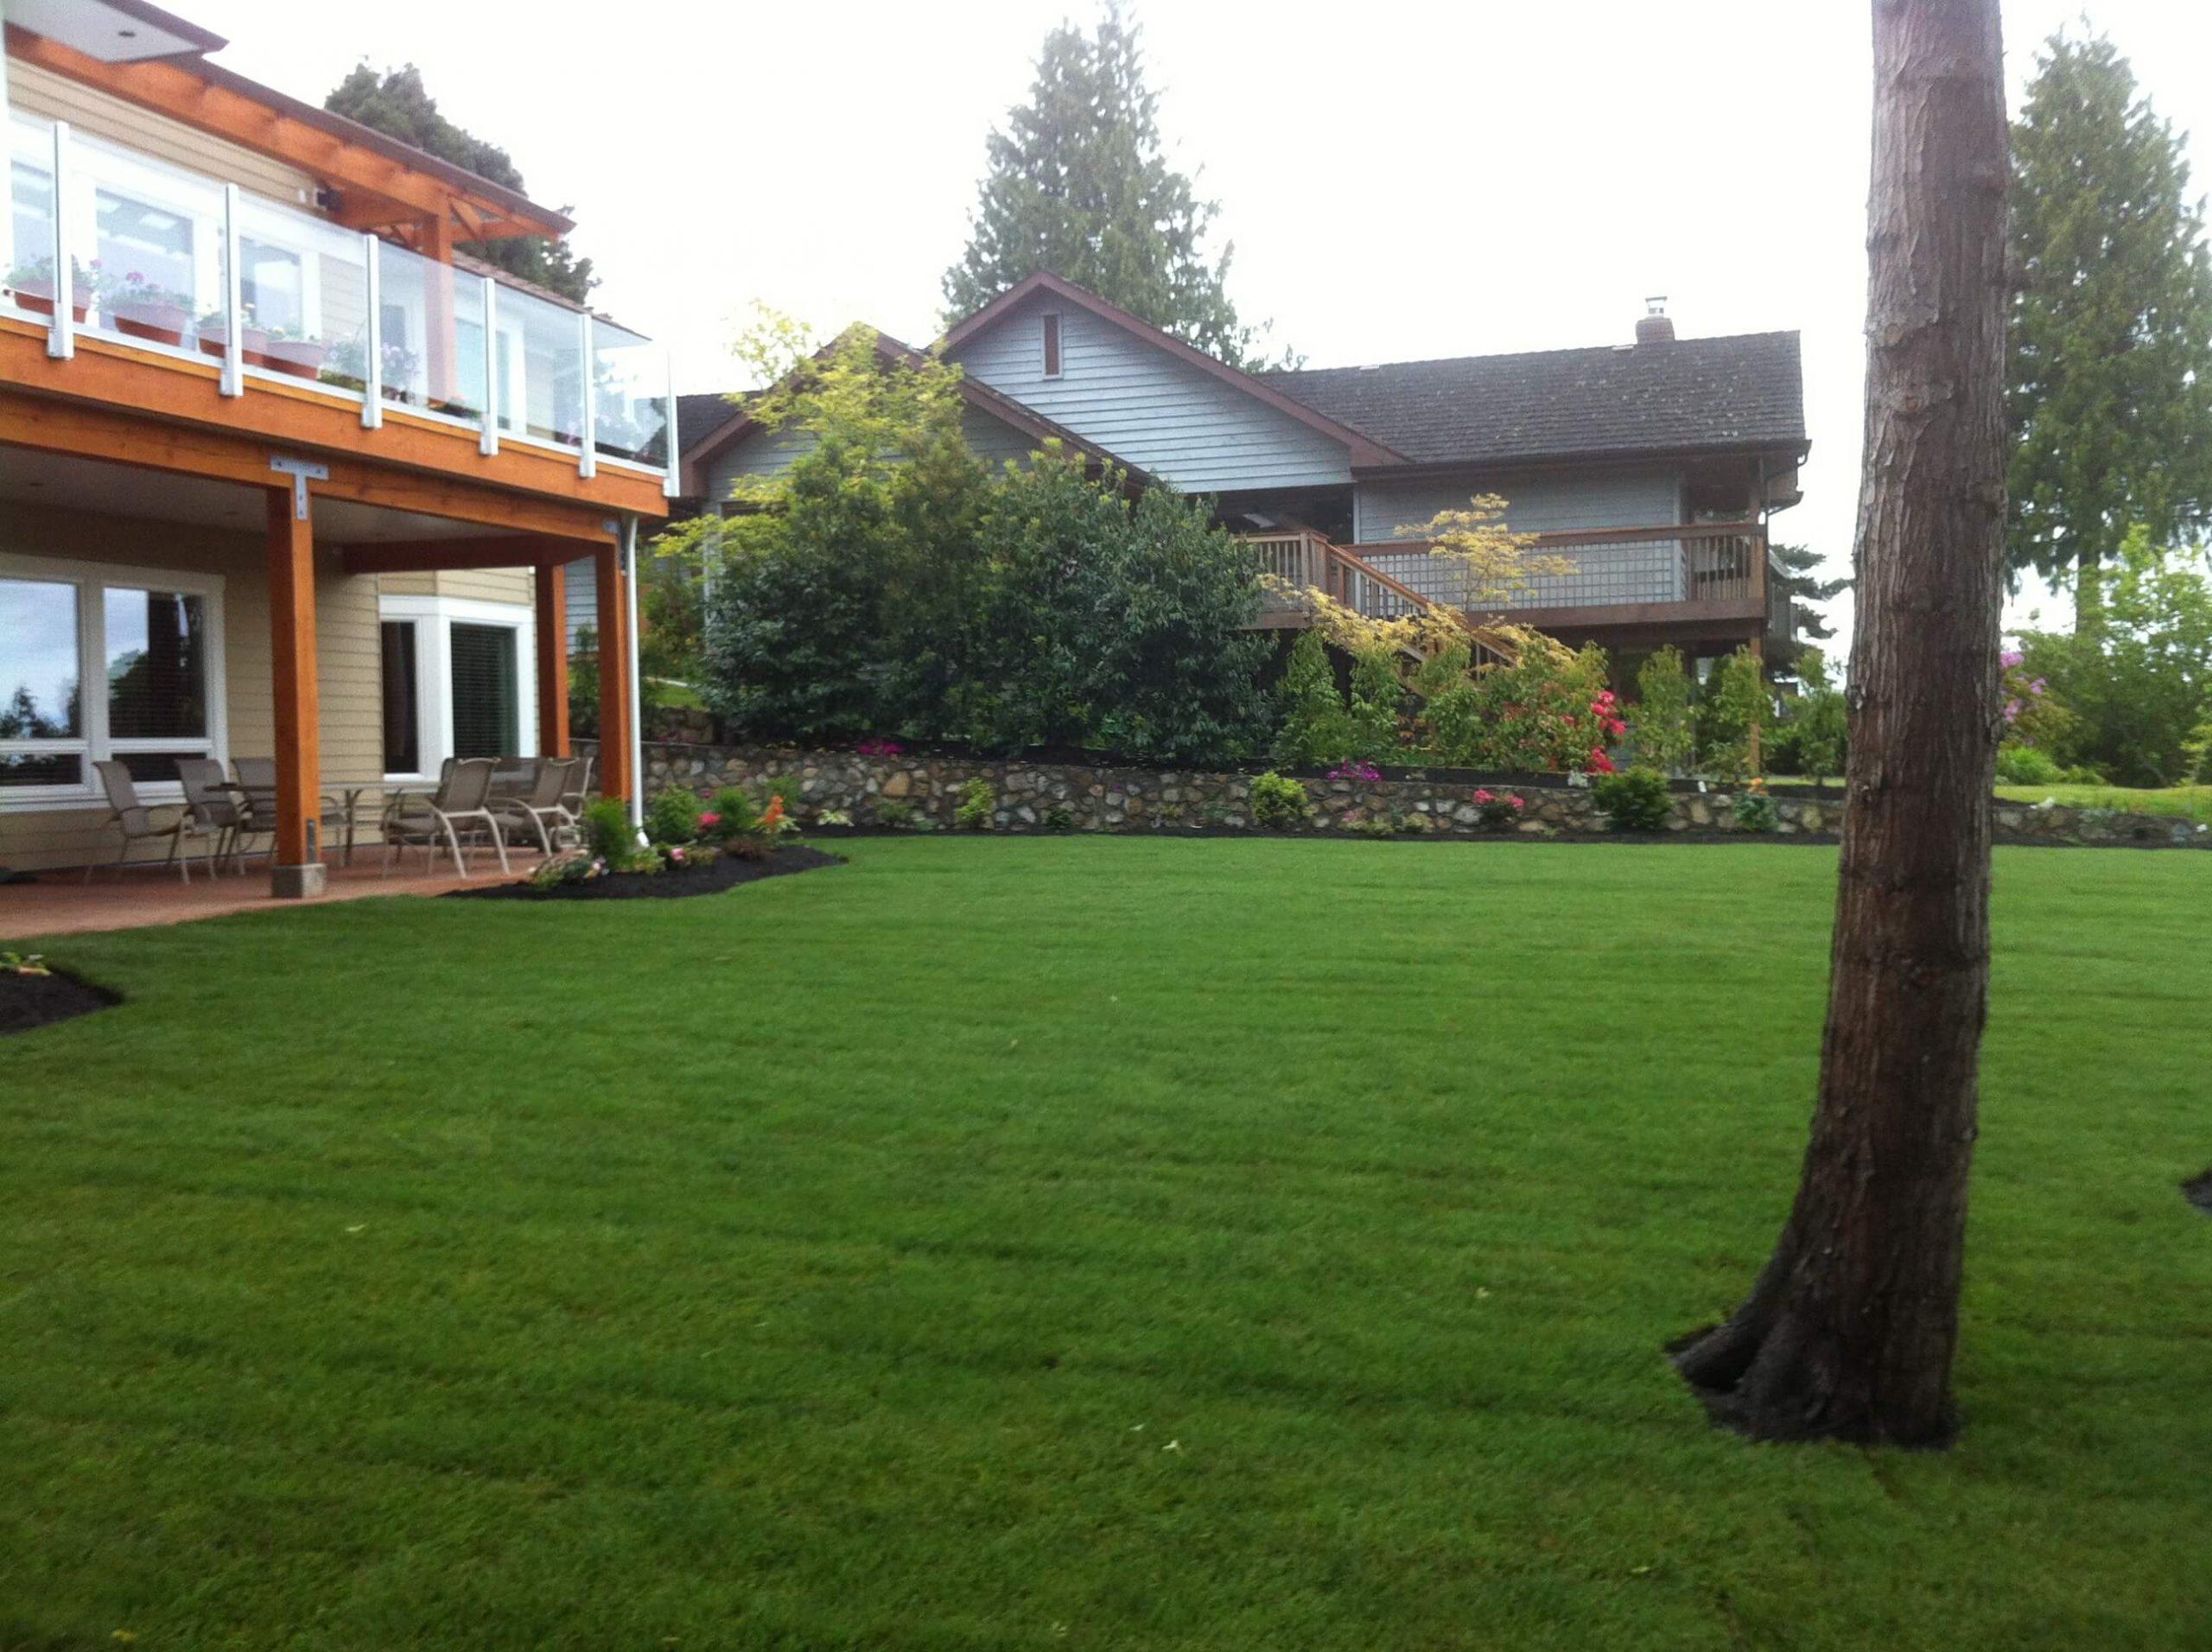 Victoria, BC Lawn Sprinkler Service